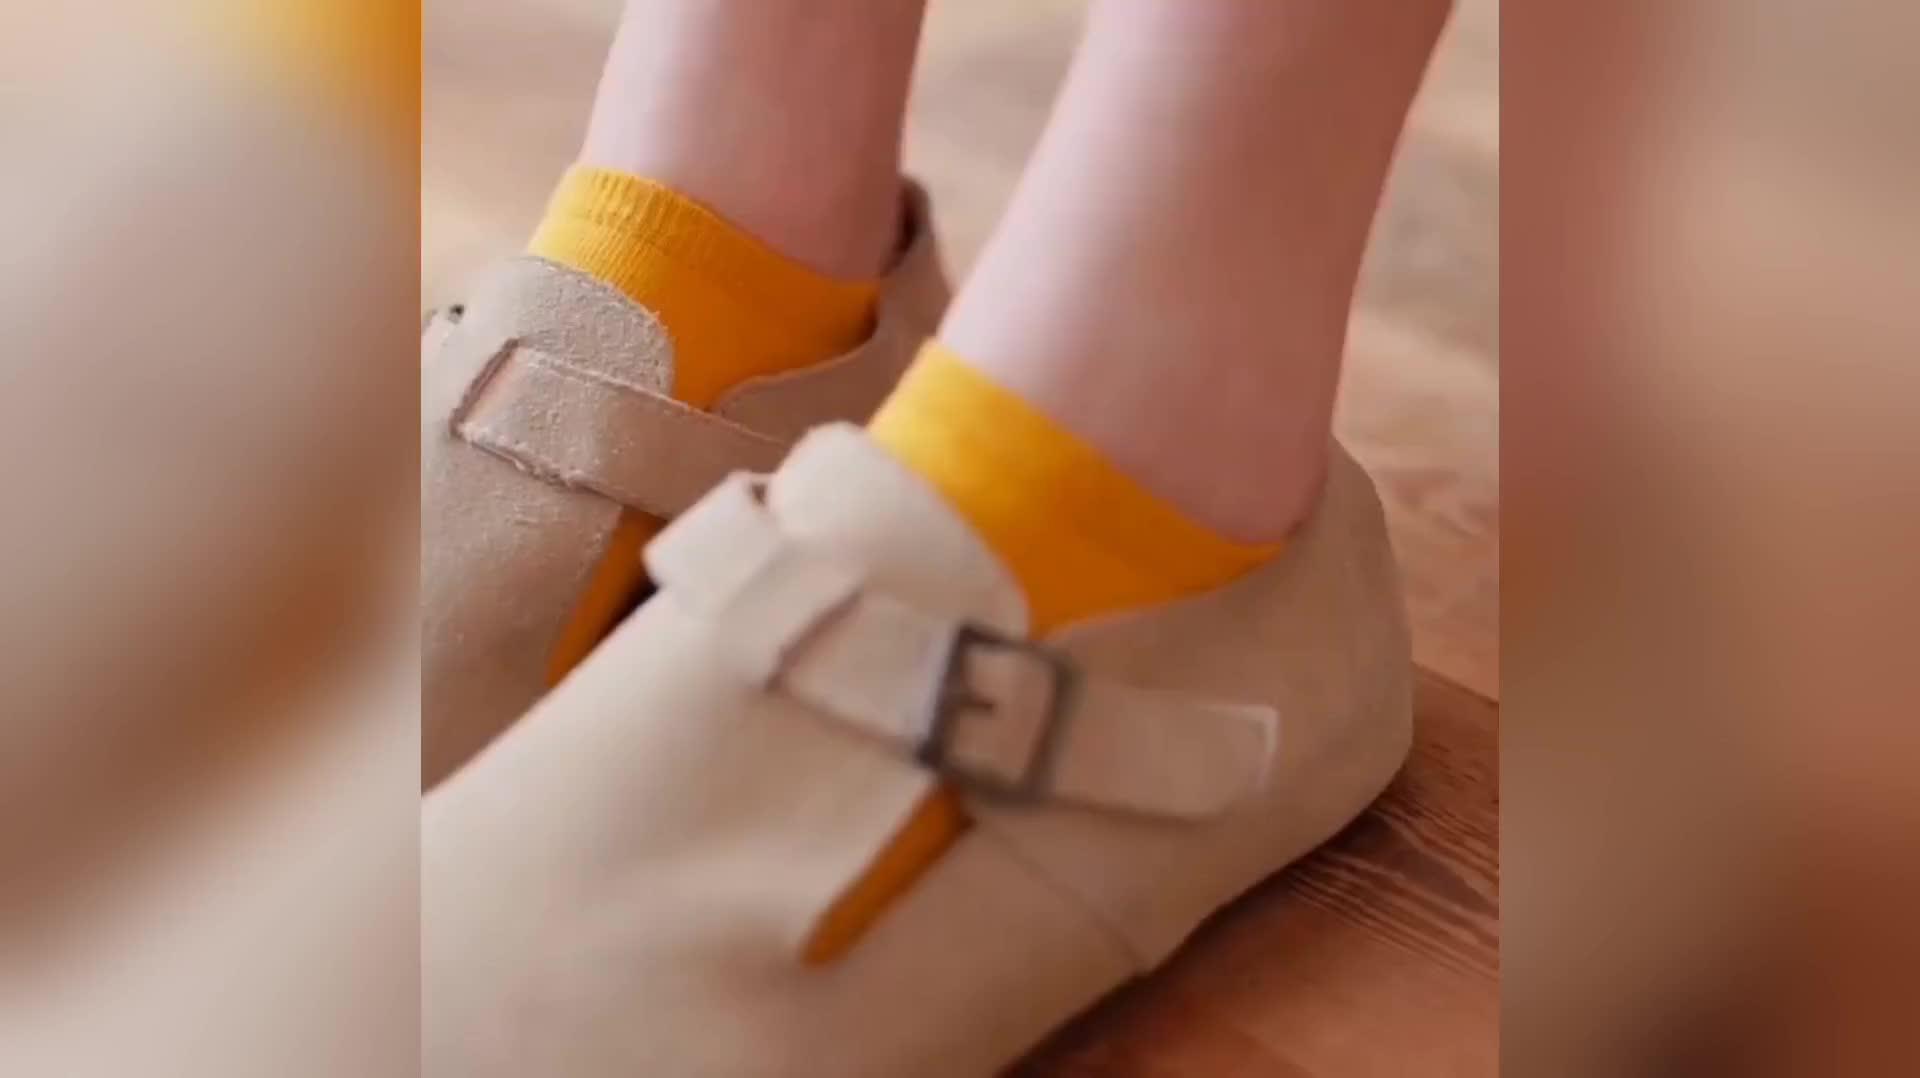 Estanla 女性キャンディカラーのセクシーな足首 Socks12 ペア低カットソリッドカラーパターン綿靴下